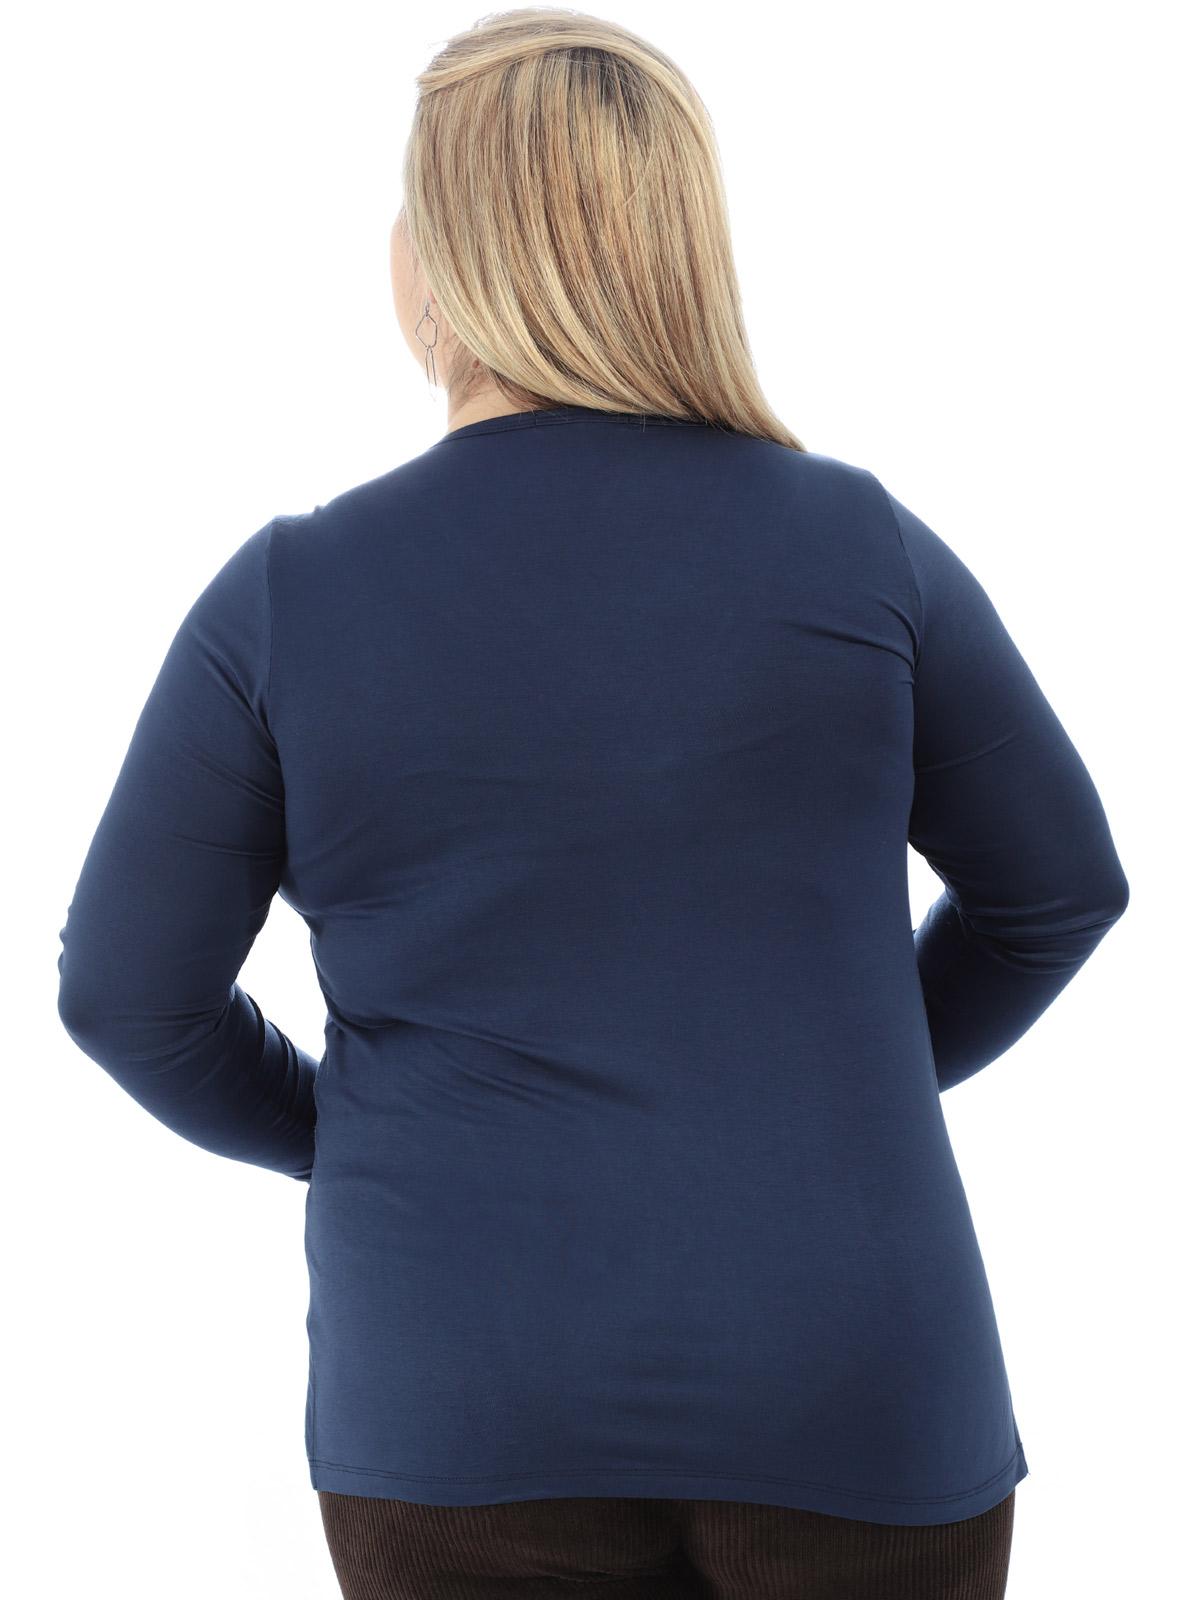 Blusa Plus Size Feminina Decote V com Aplicação Marinho